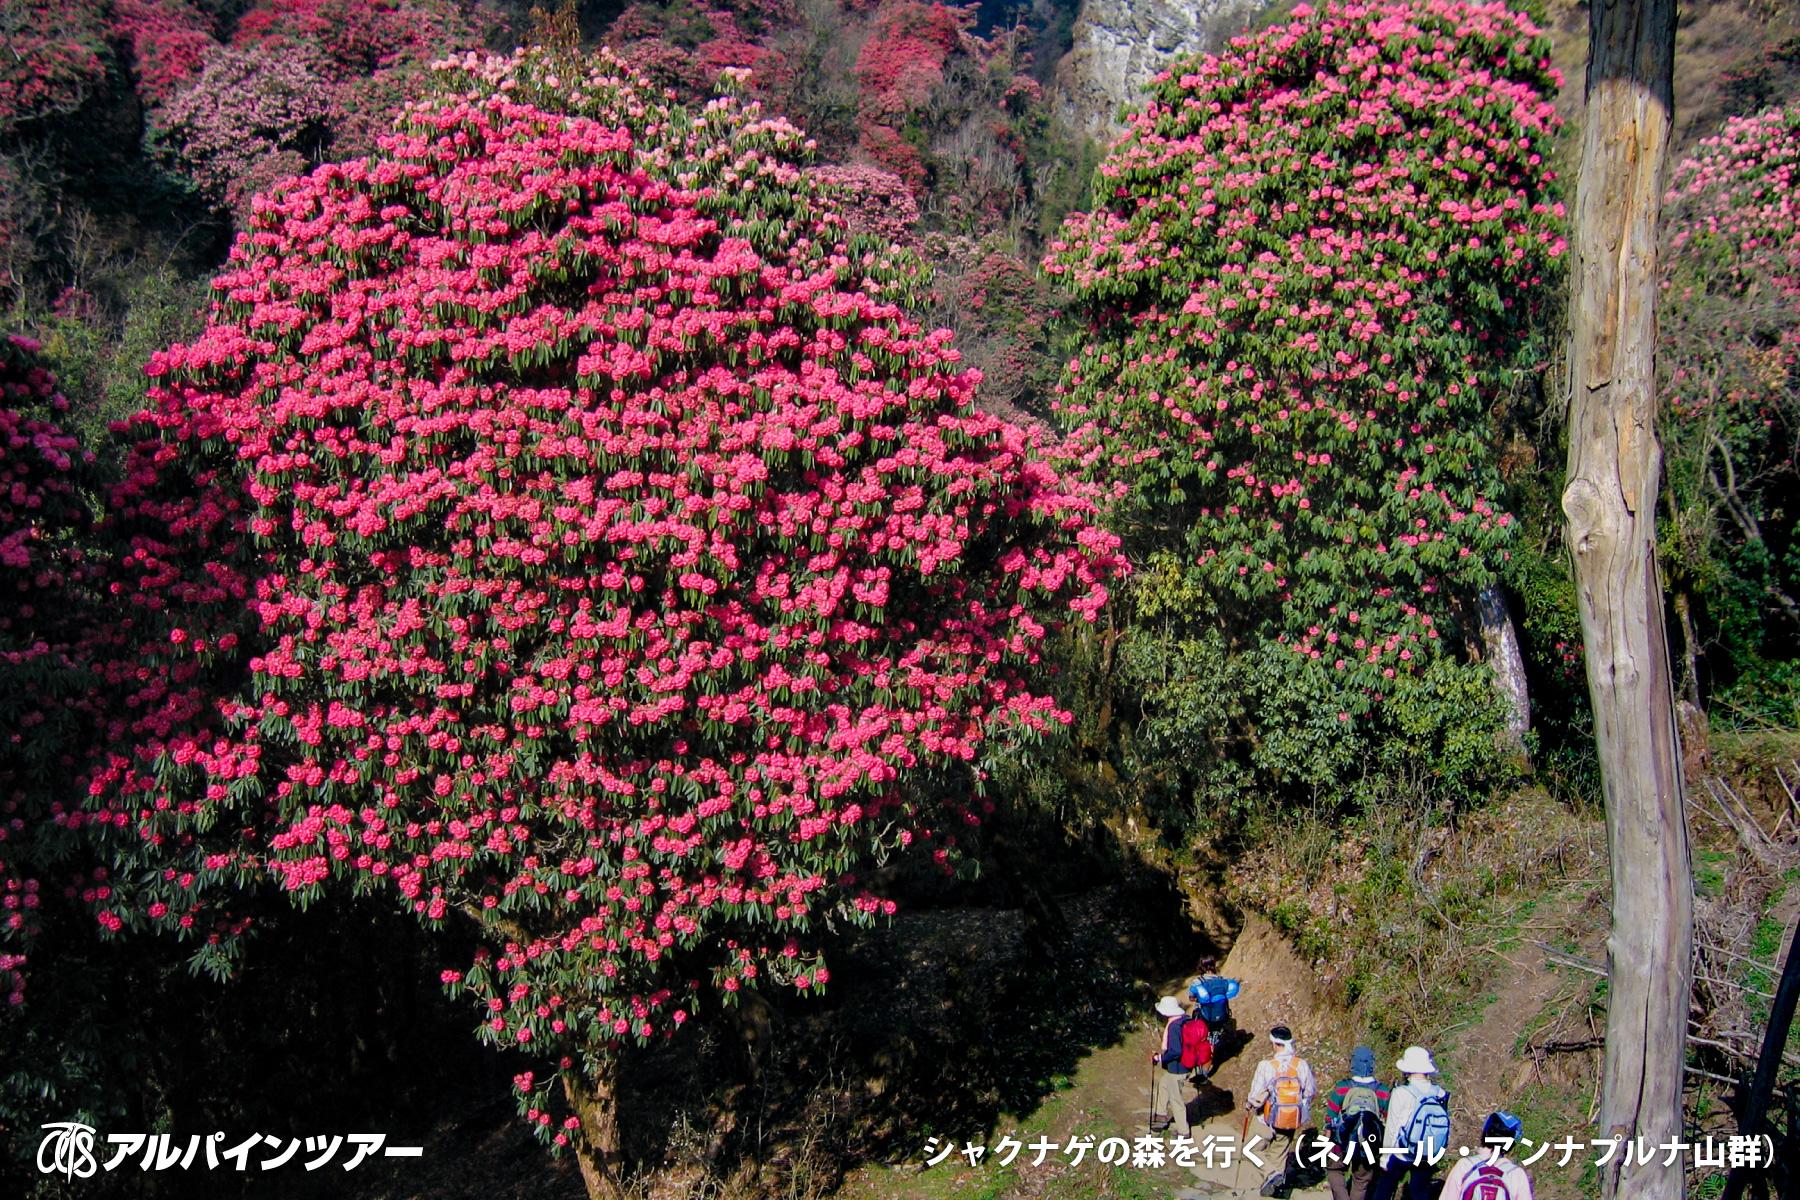 【今日の花】 ヒマラヤを彩るシャクナゲ(ネパール)